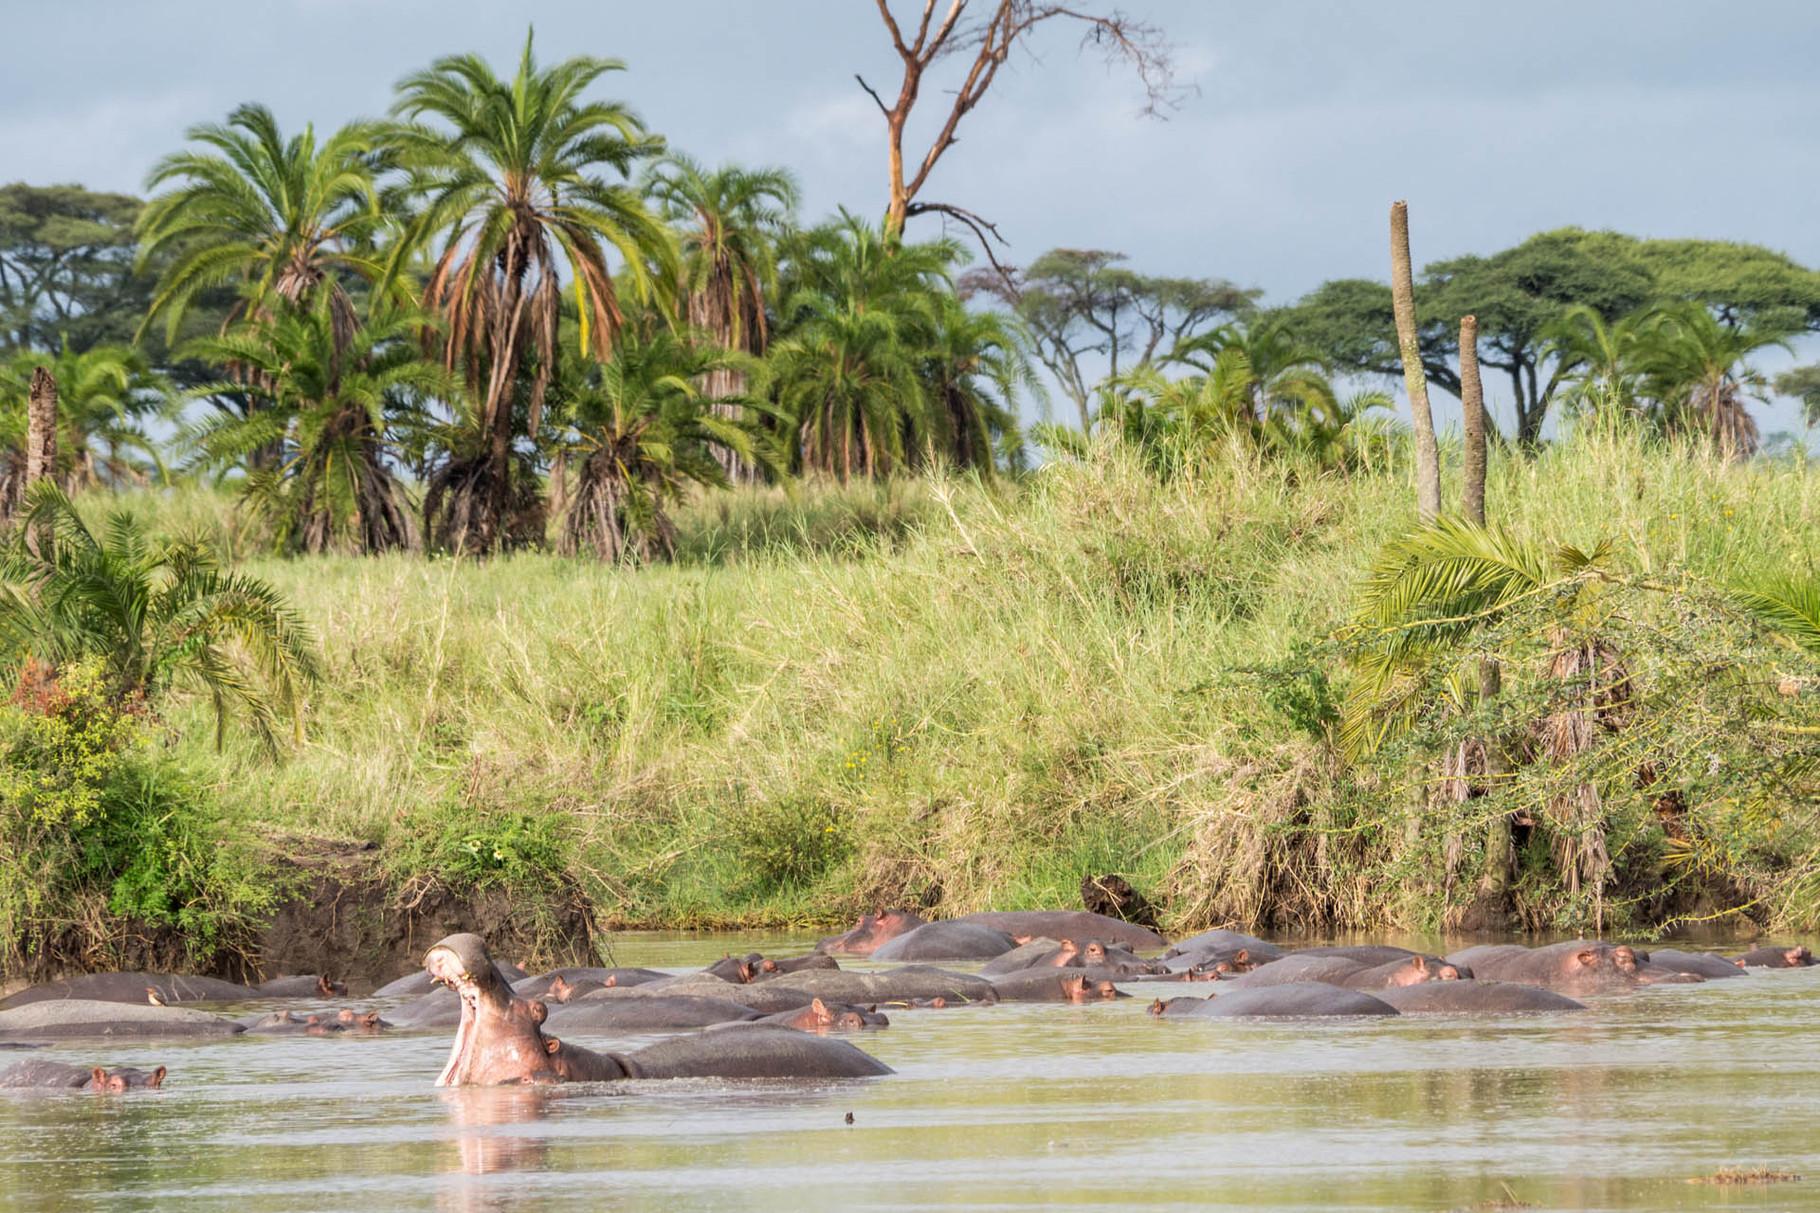 Hippos [Serengeti, Tanzania, 2015]